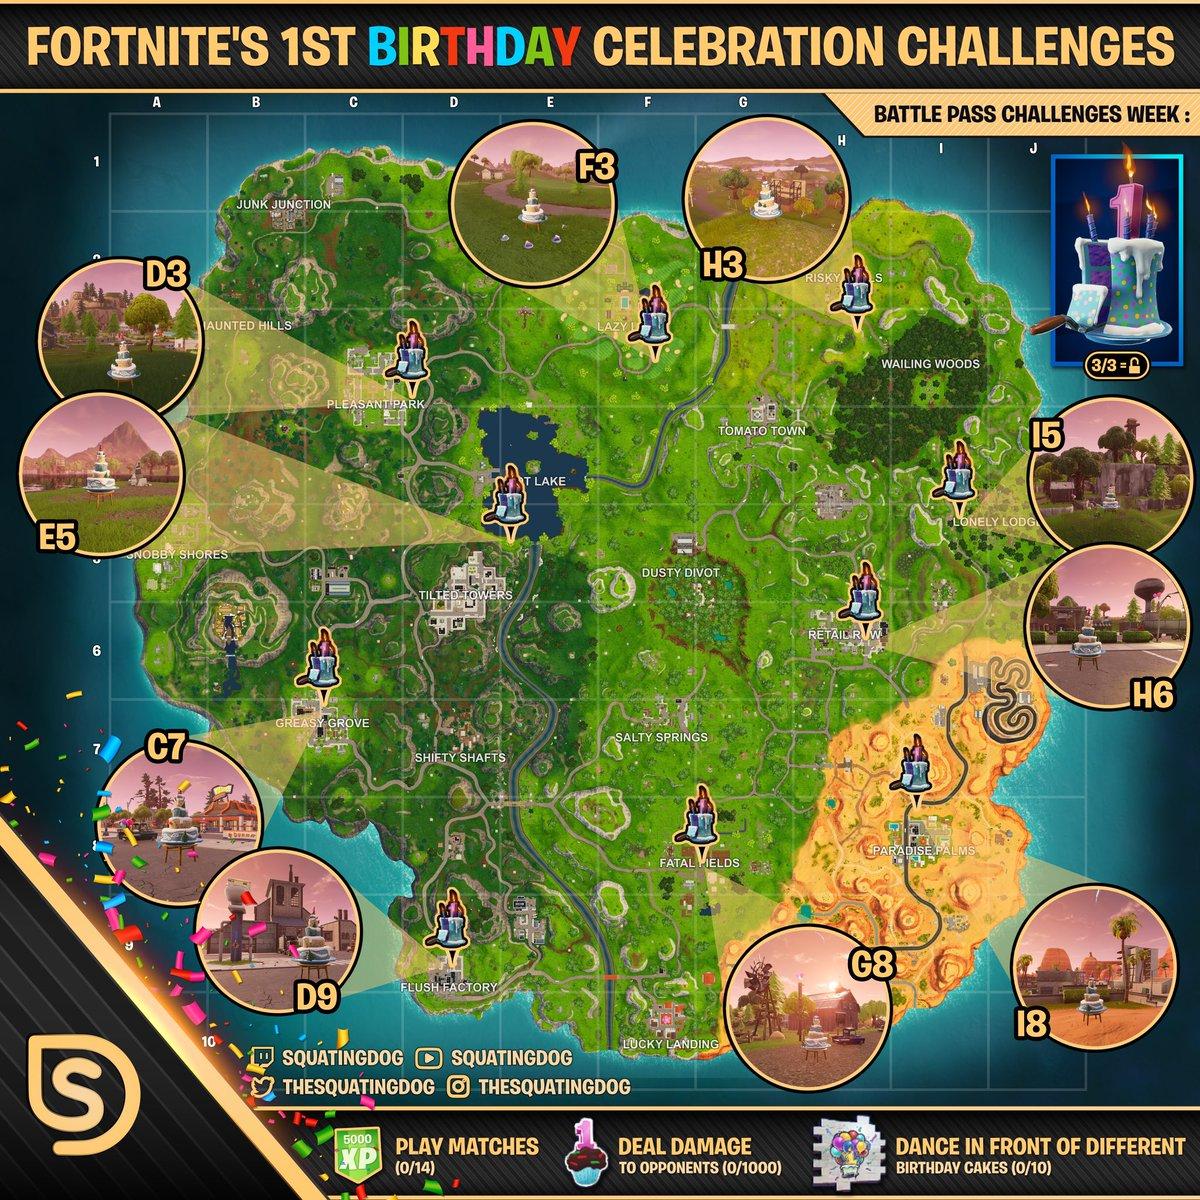 Squatingdog On Twitter Happy Birthday Fortnite Tag A Friend Who